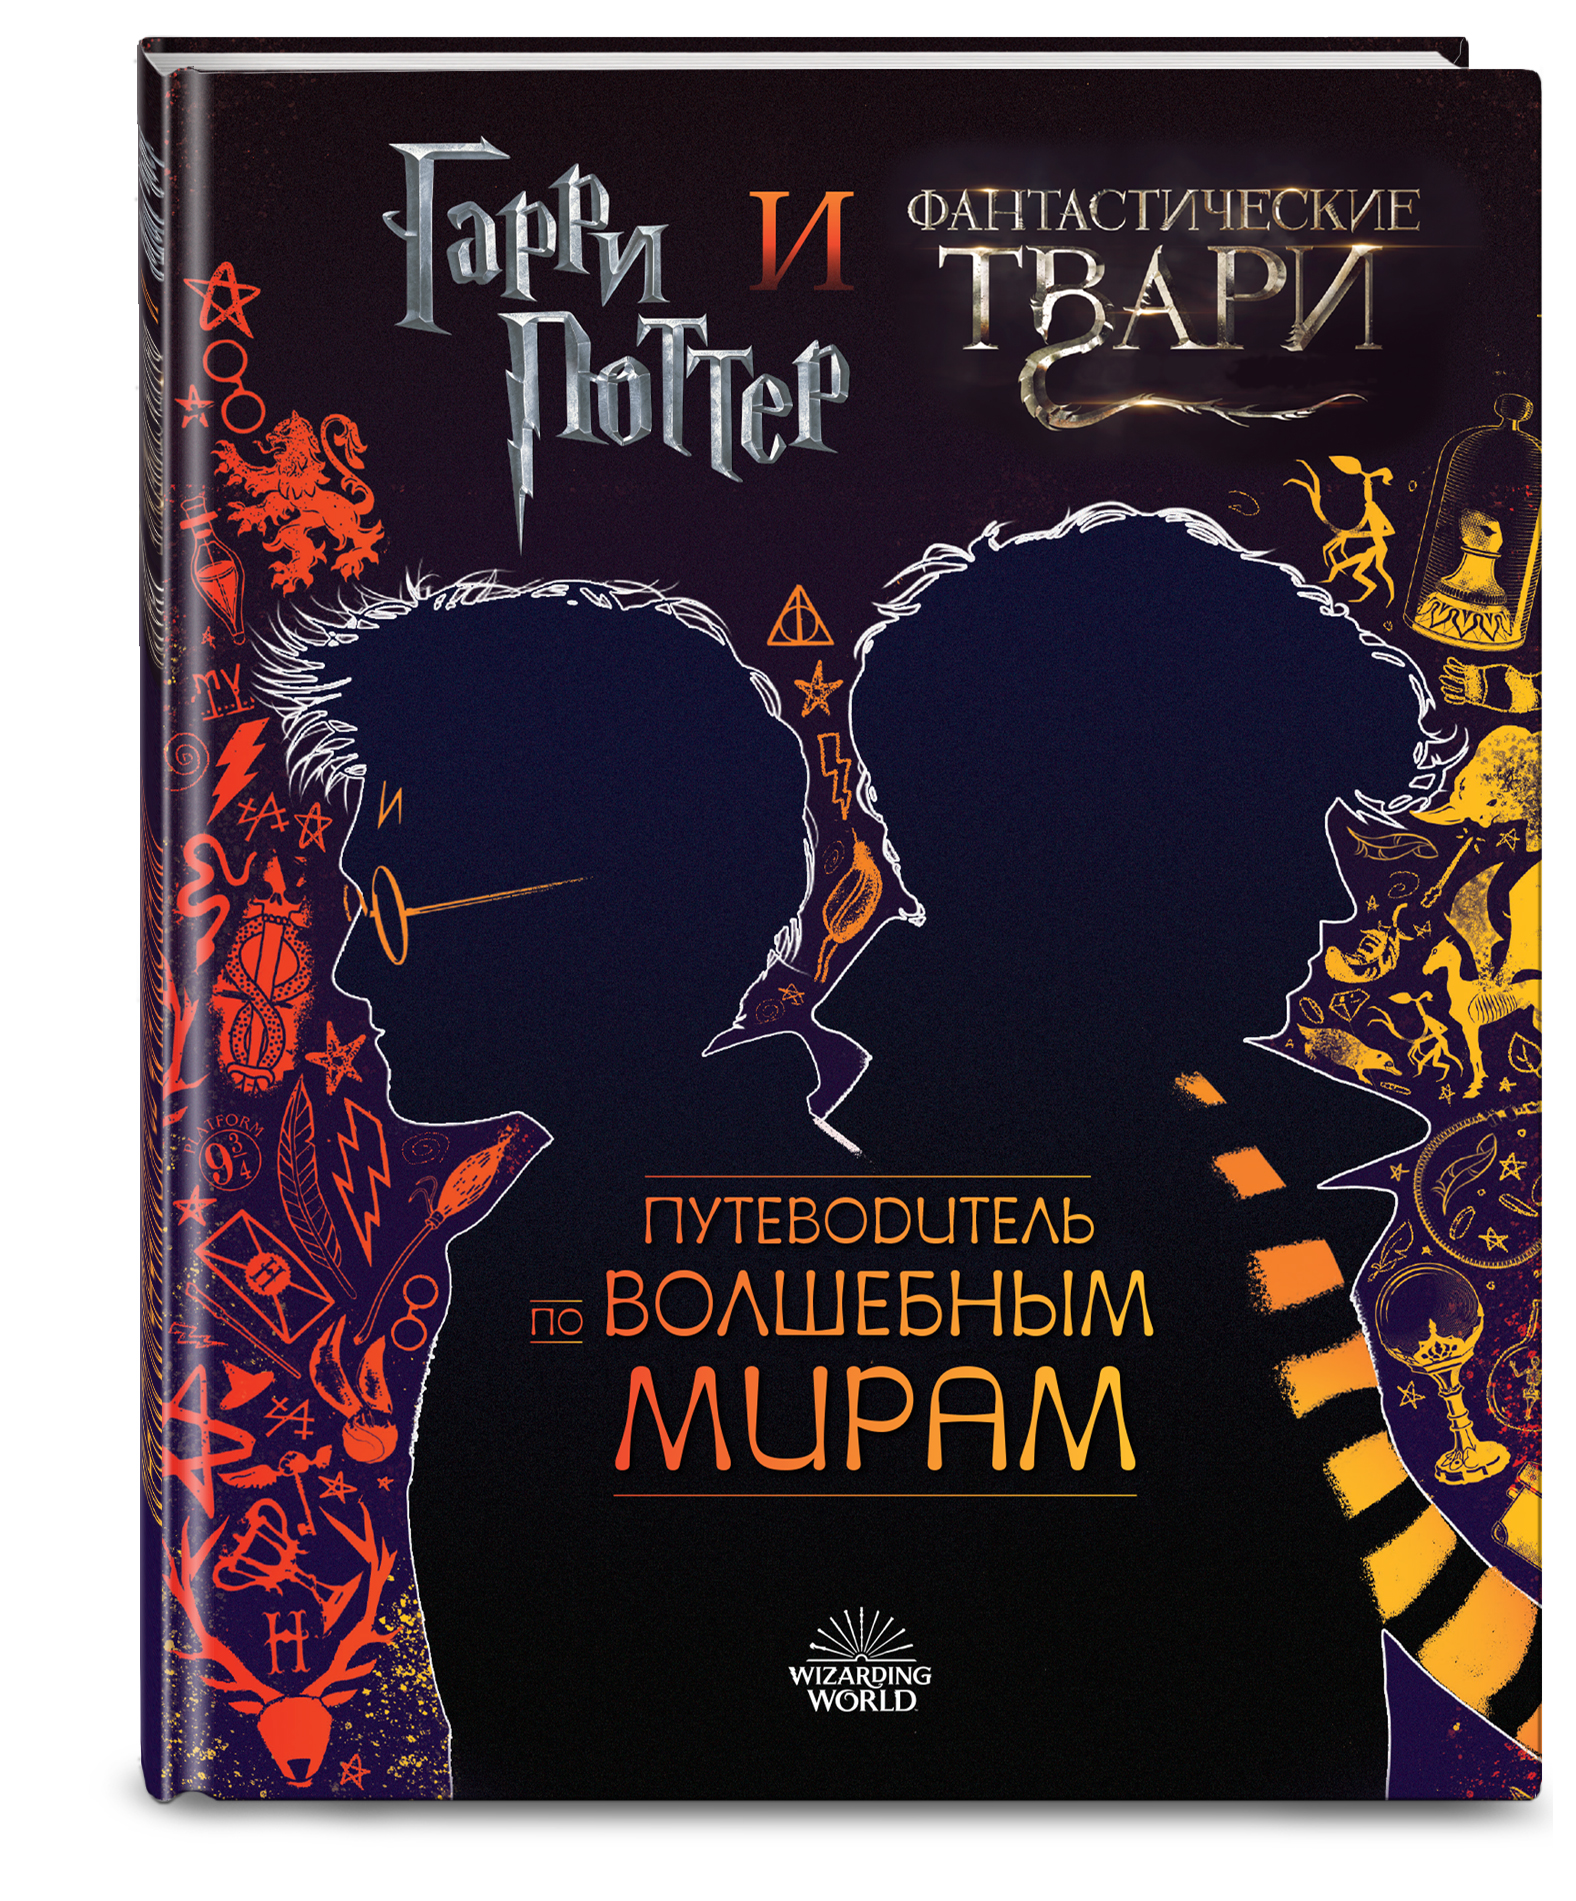 Гарри Поттер и Фантастические твари. Путеводитель по волшебным мирам википедия объяснит всё youtube покажет всё